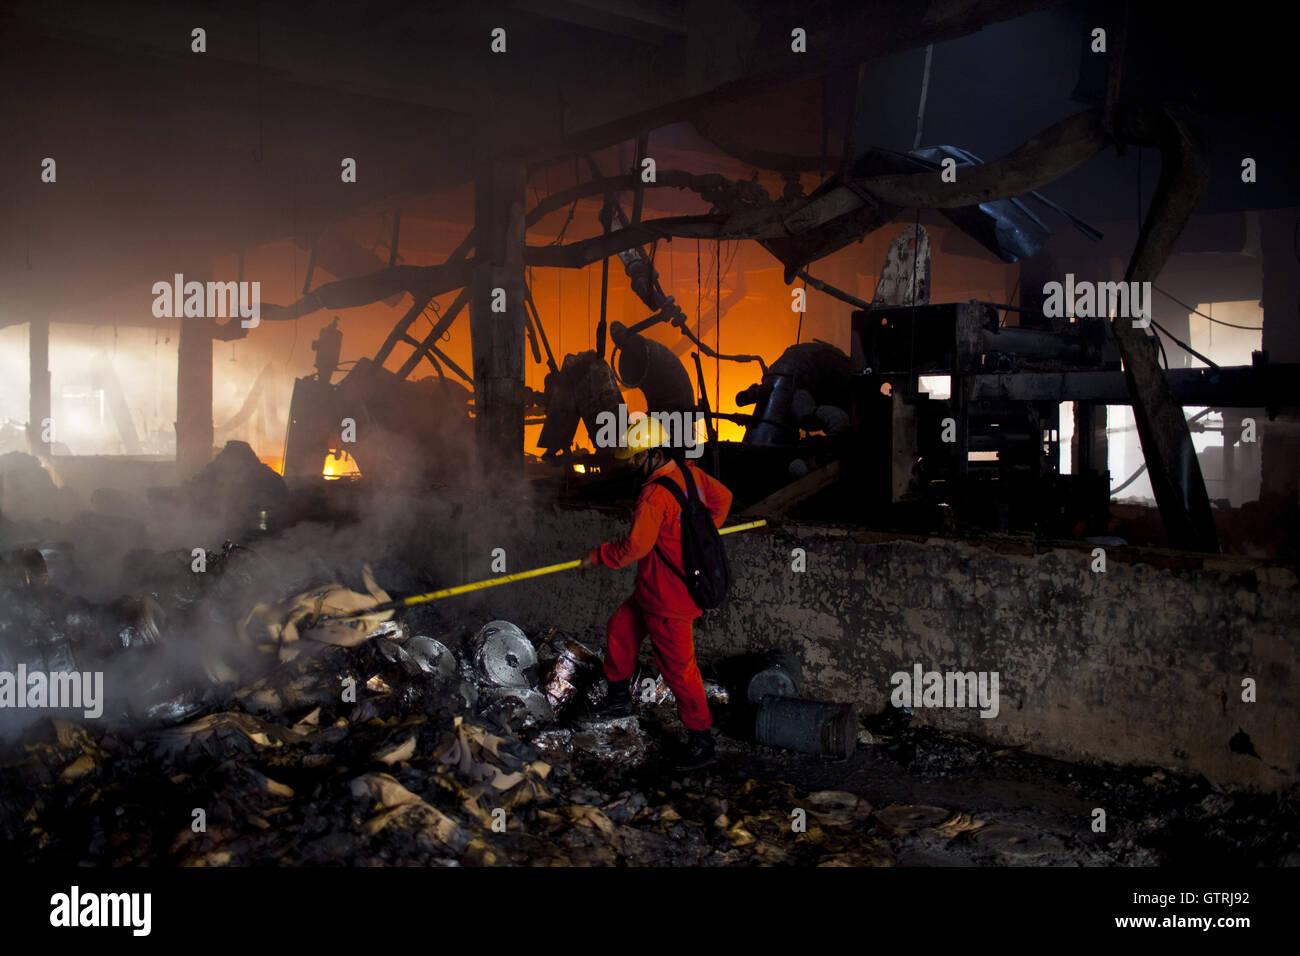 """Dhaka, Dhaka, Bangladesh. 10 Sep, 2016. Septiembre 10, 2016 Tongi, Bangladesh Bangladesh"""" '' Los bomberos tratan de apagar las llamas tras una explosión hizo una fábrica en Tongi. Funcionario dijo que al menos 23 personas murieron y 70 resultaron heridos en una explosión de la caldera que provocó incendio en una fábrica de embalaje de ropa en Tongi cerca de Gazipur. Crédito: K M Asad/Zuma alambre/Alamy Live News Foto de stock"""